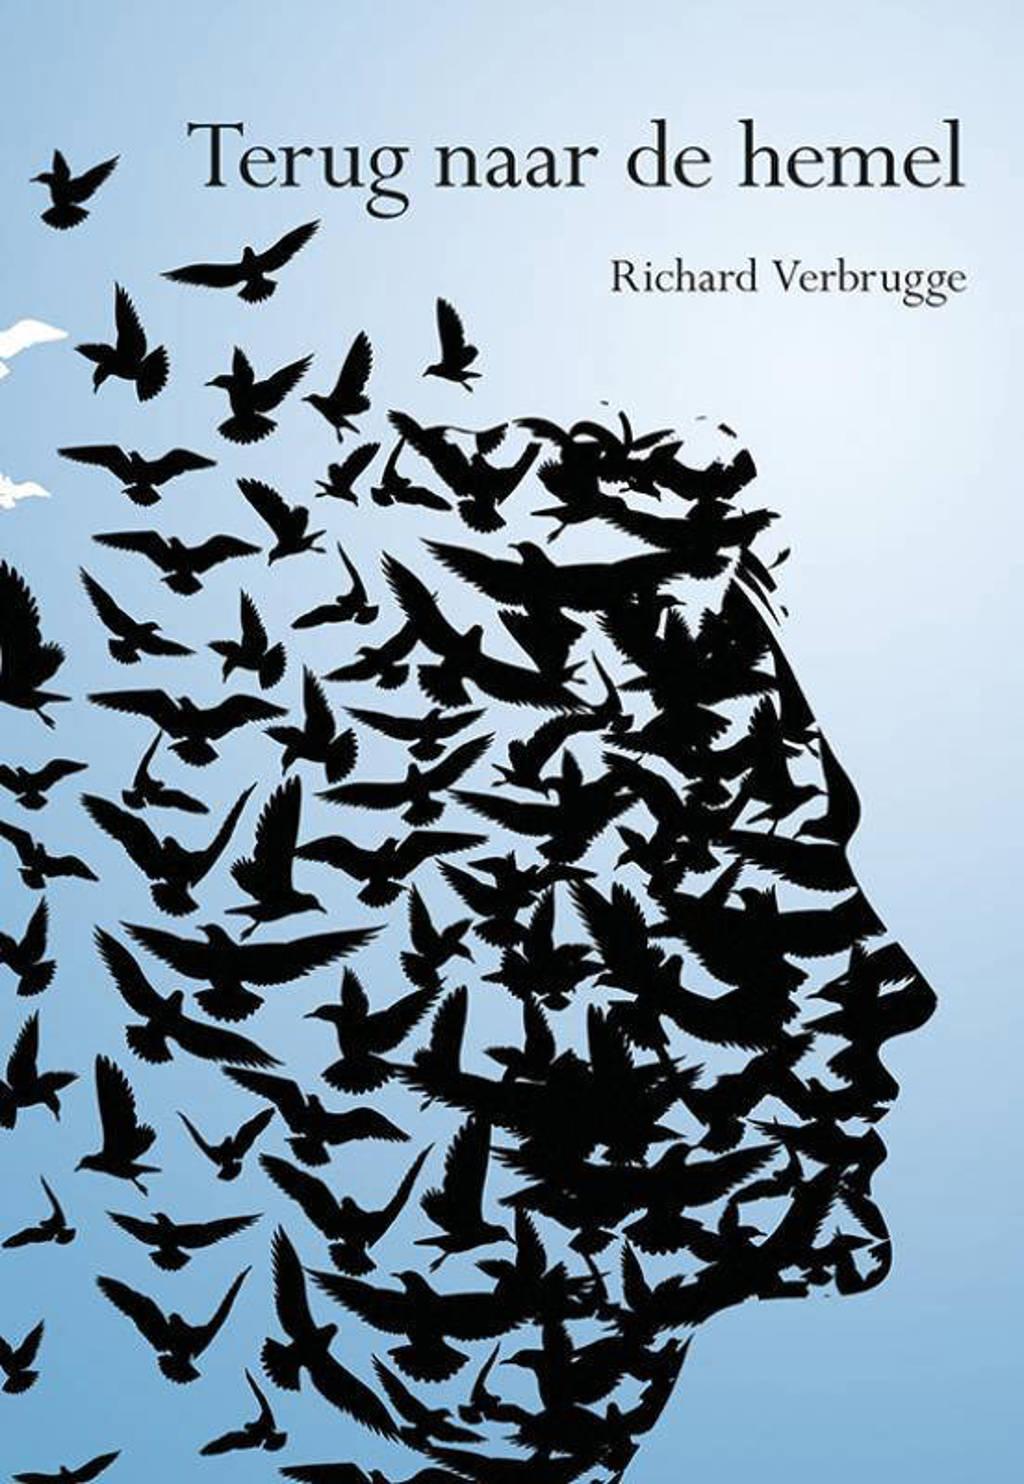 Terug naar de hemel - Richard Verbrugge